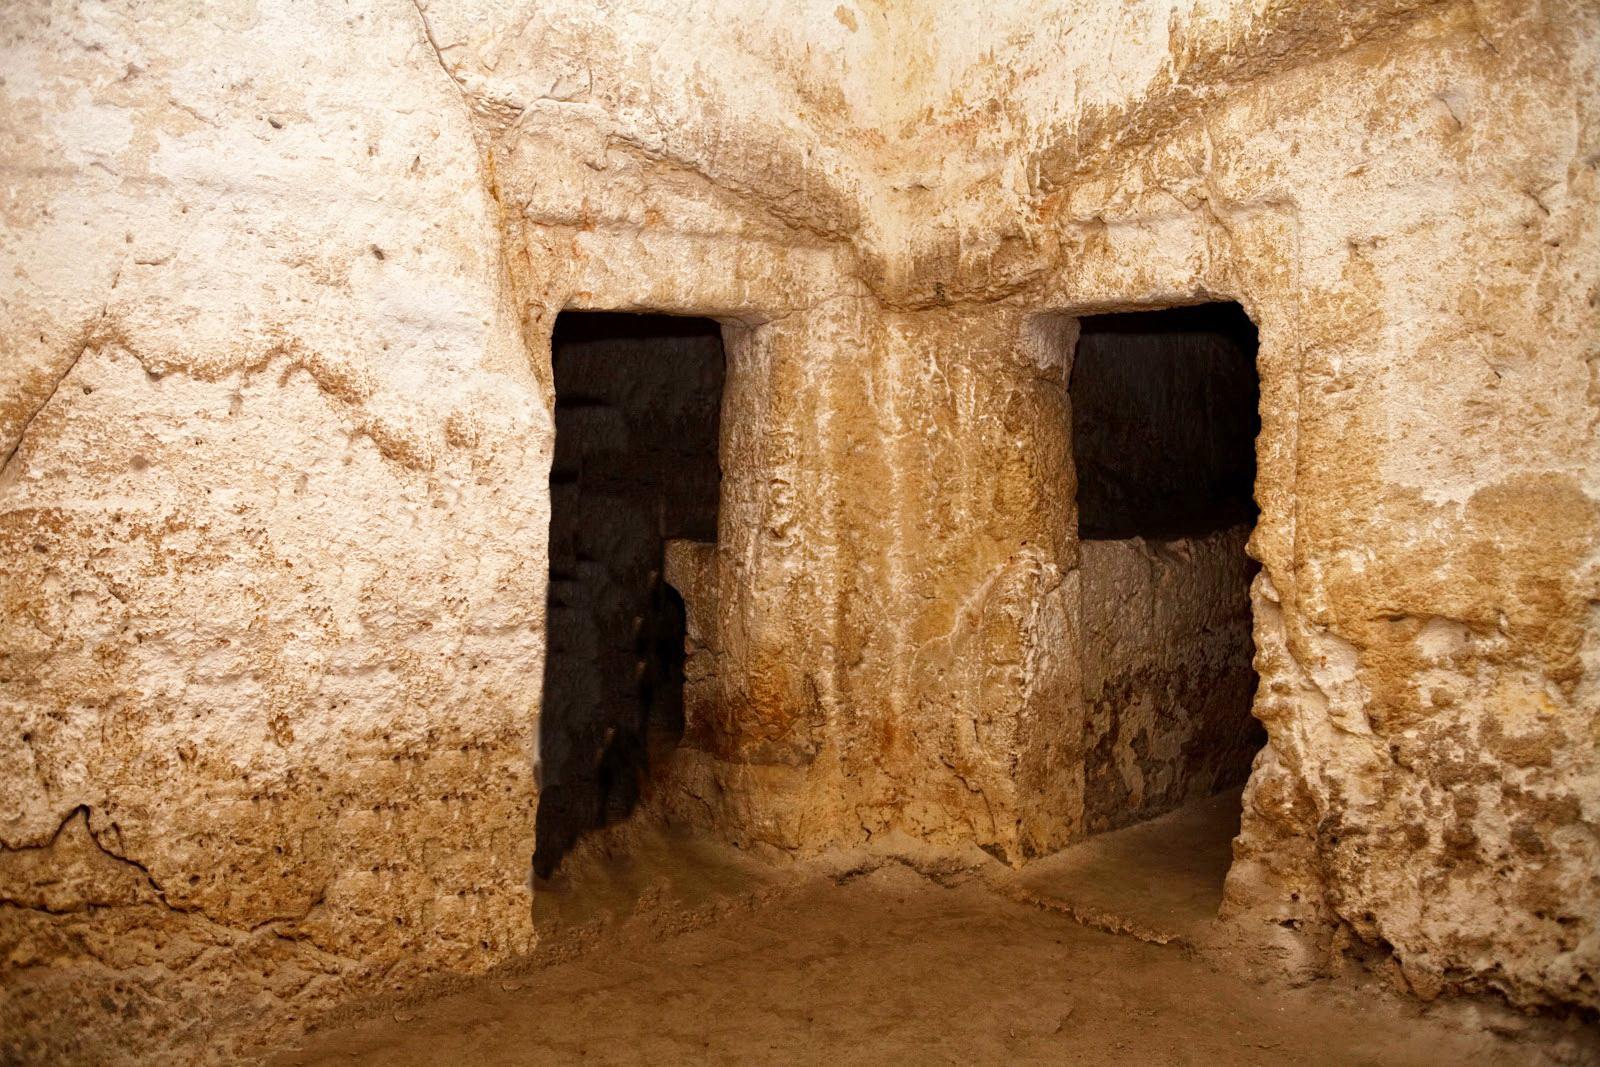 חצר מנזר סנט אטיין - כניסה לקברים מימי בית ראשון